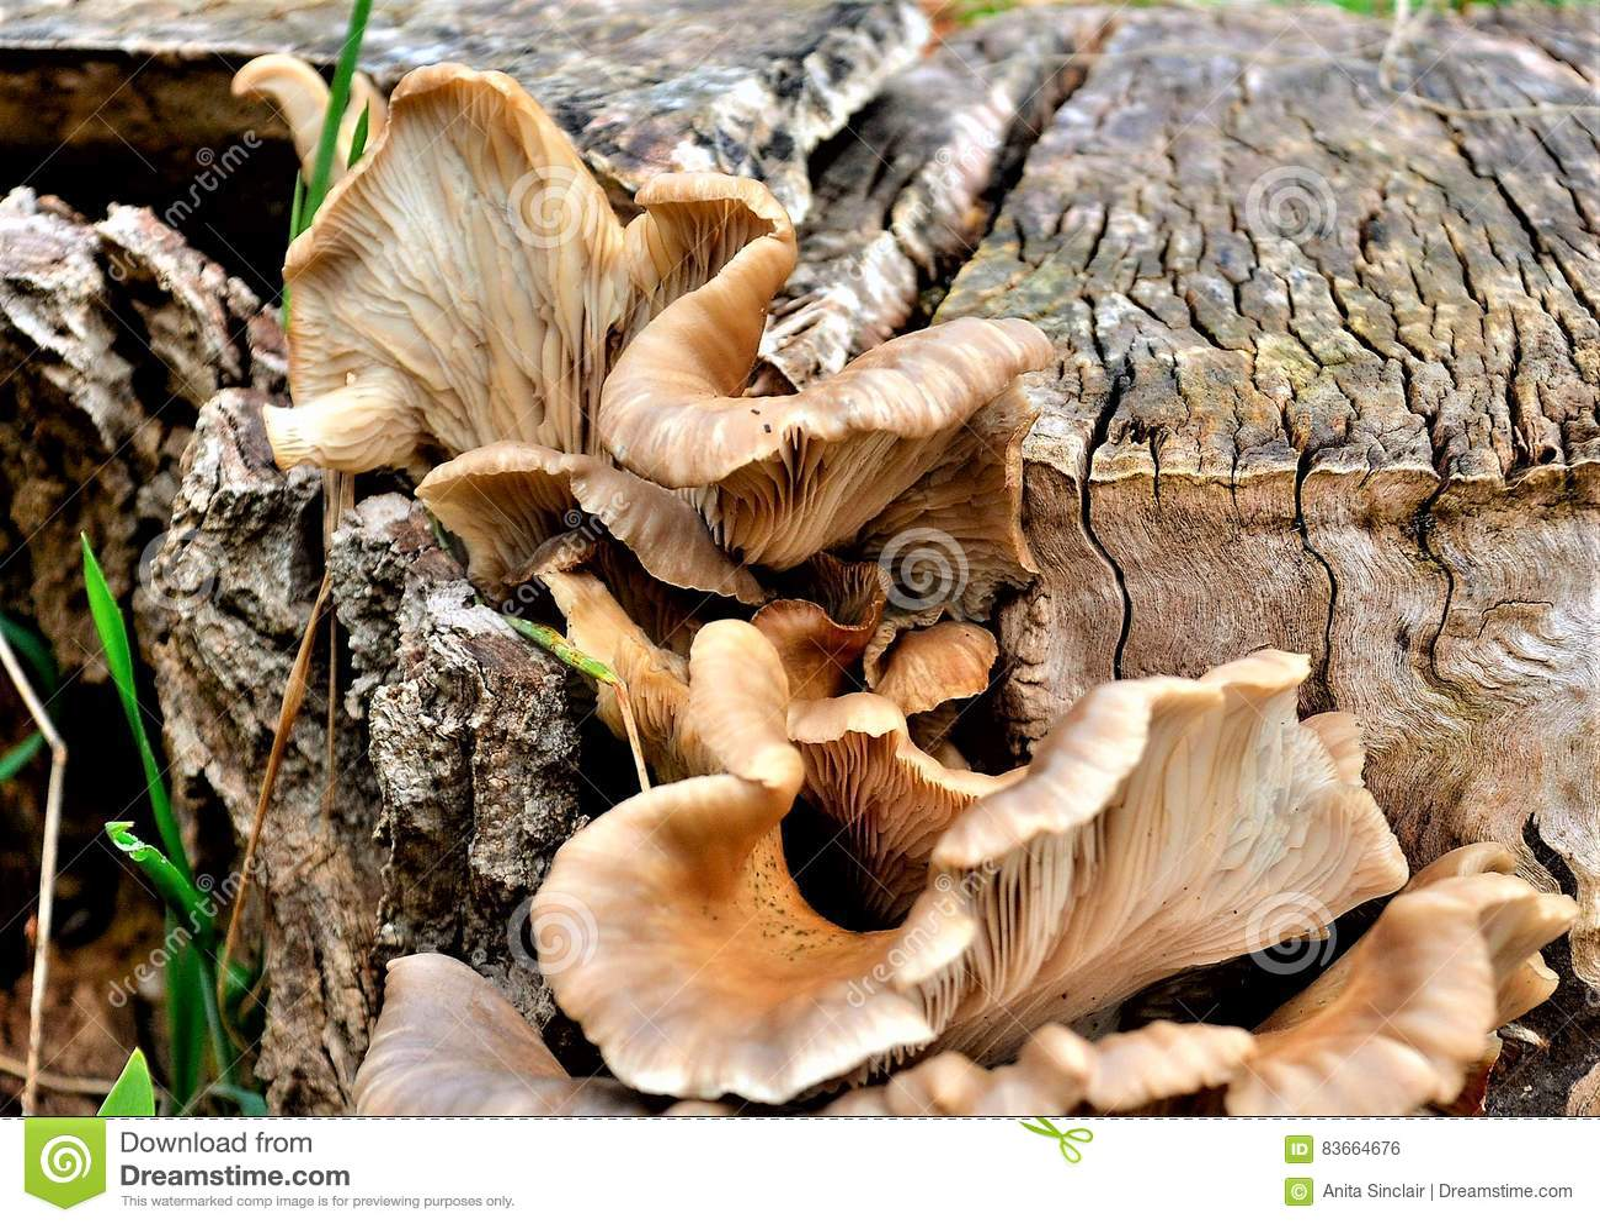 Pilzartiges Wachsen auf einem Baumstumpf